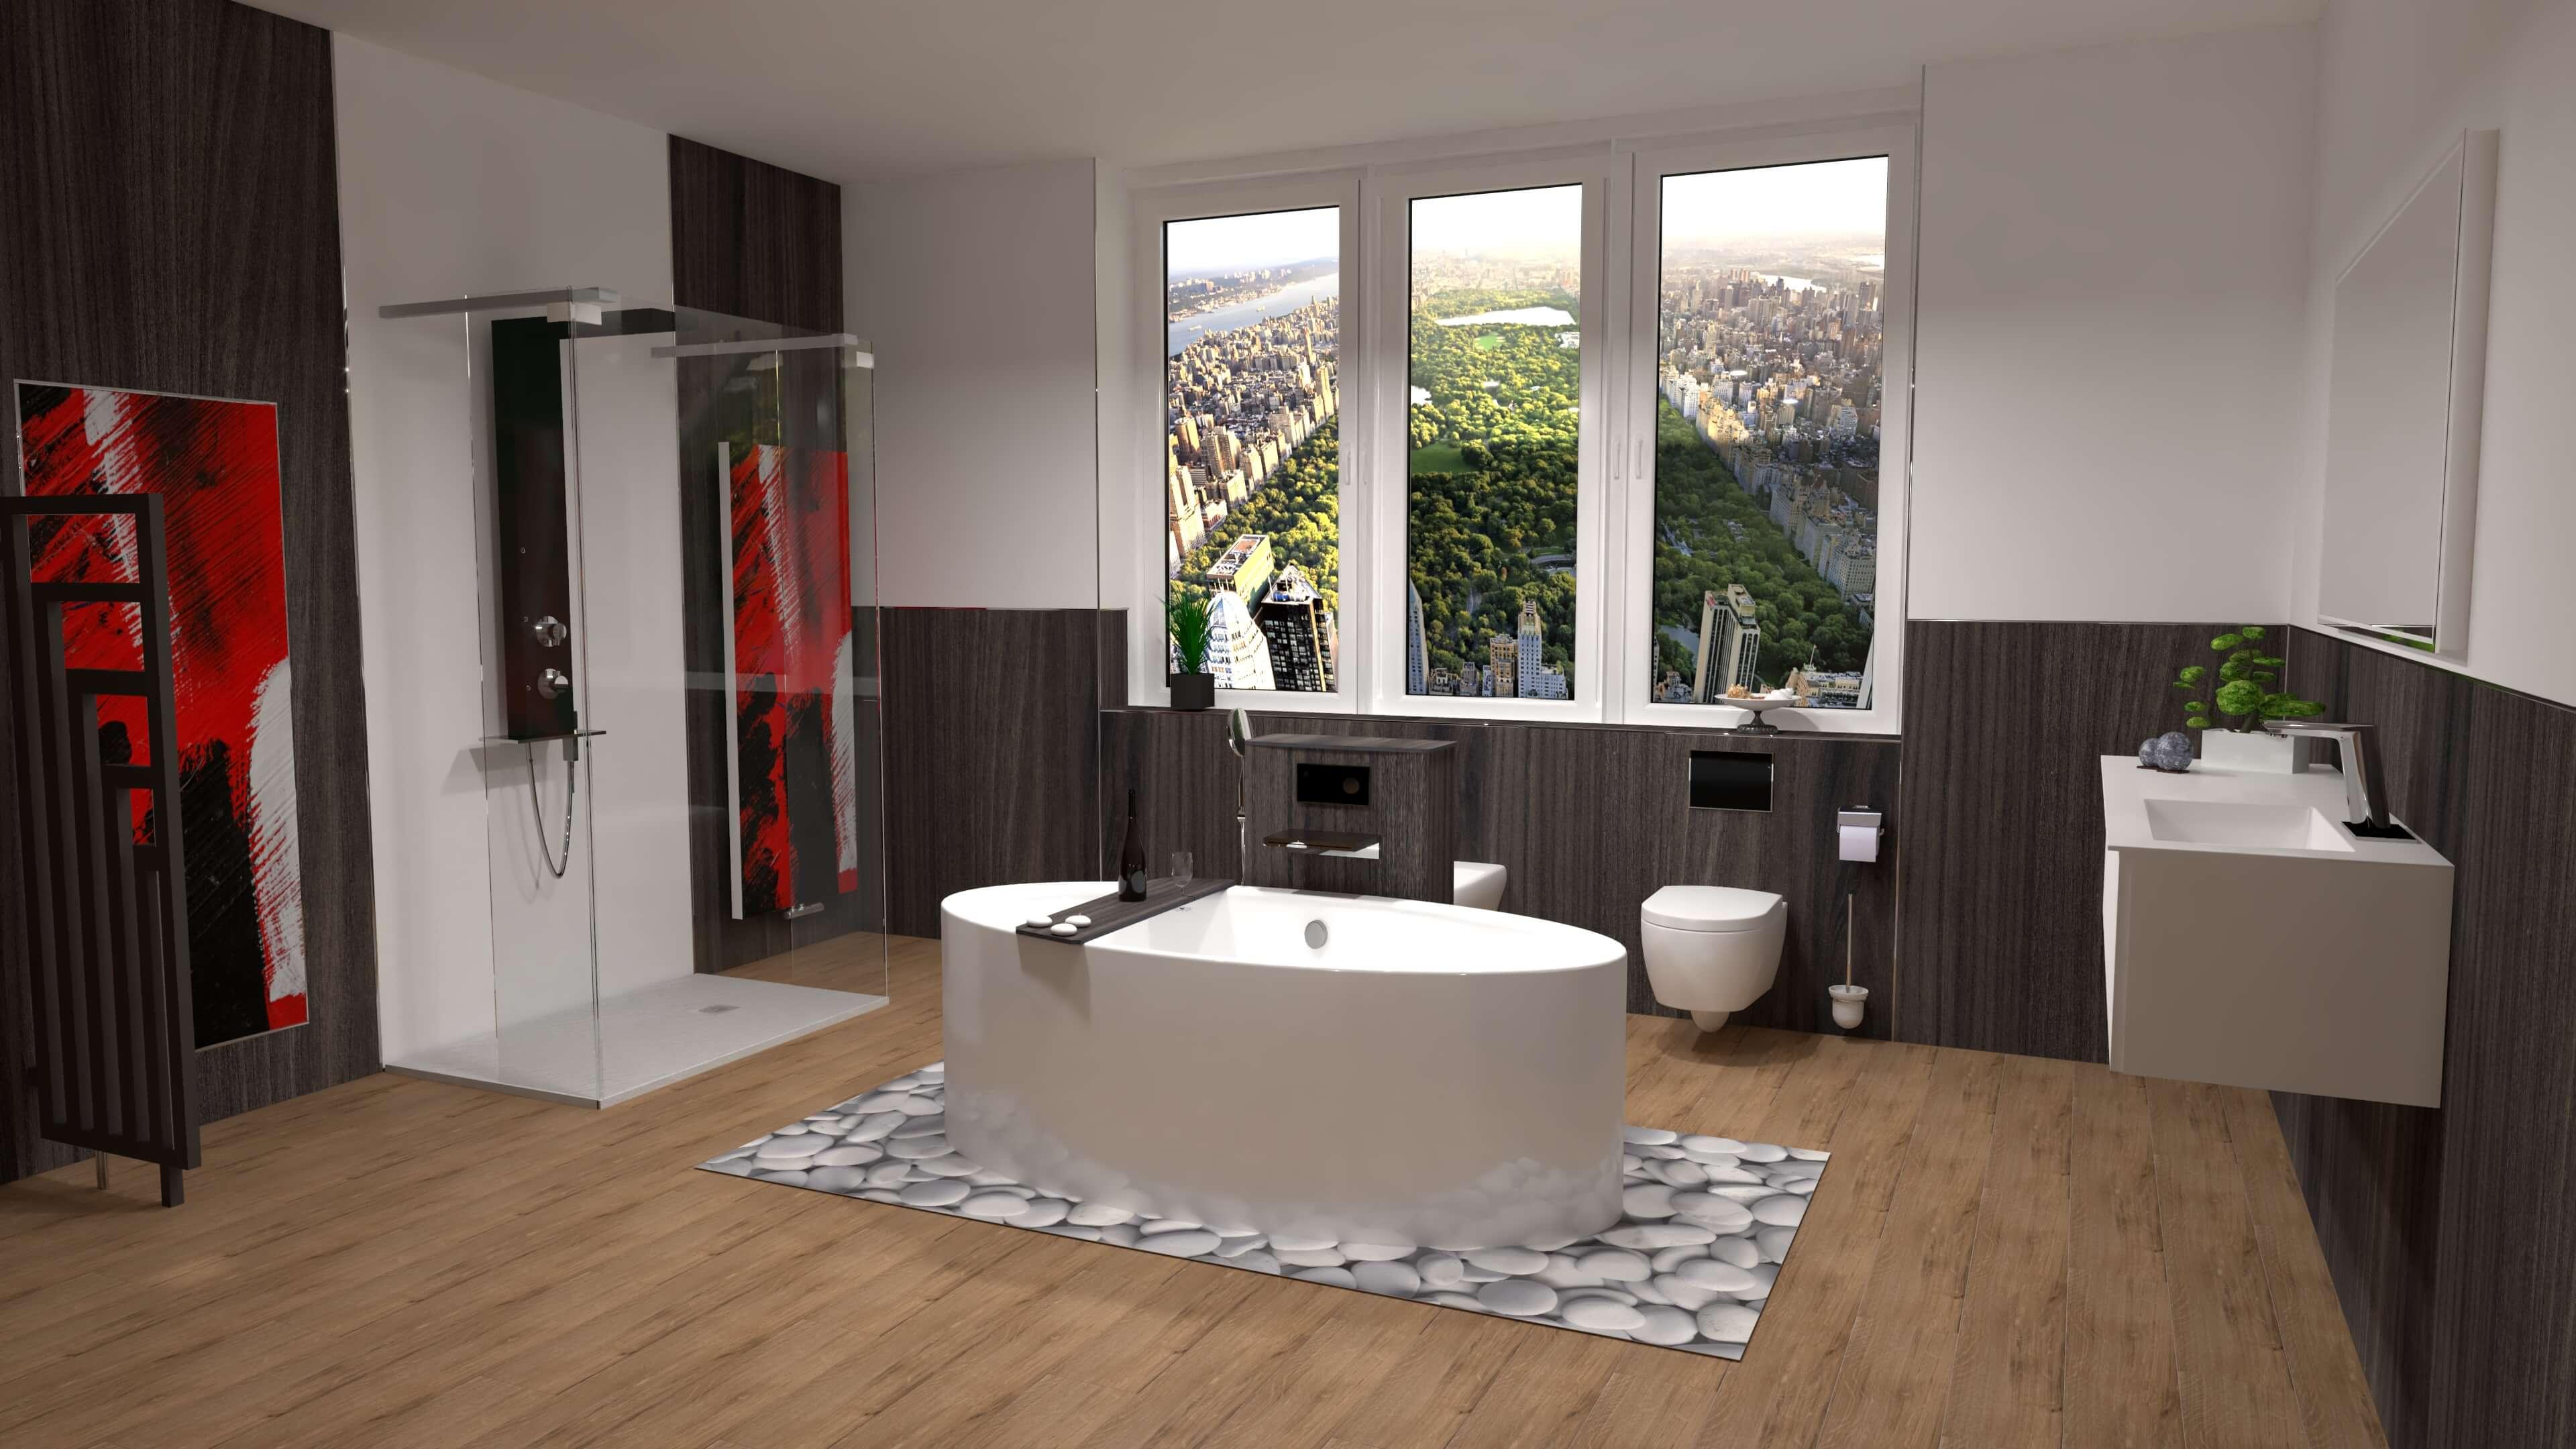 duschking floor eiche dunkel bodenbel ge duschr ckw nde duschking badshop. Black Bedroom Furniture Sets. Home Design Ideas